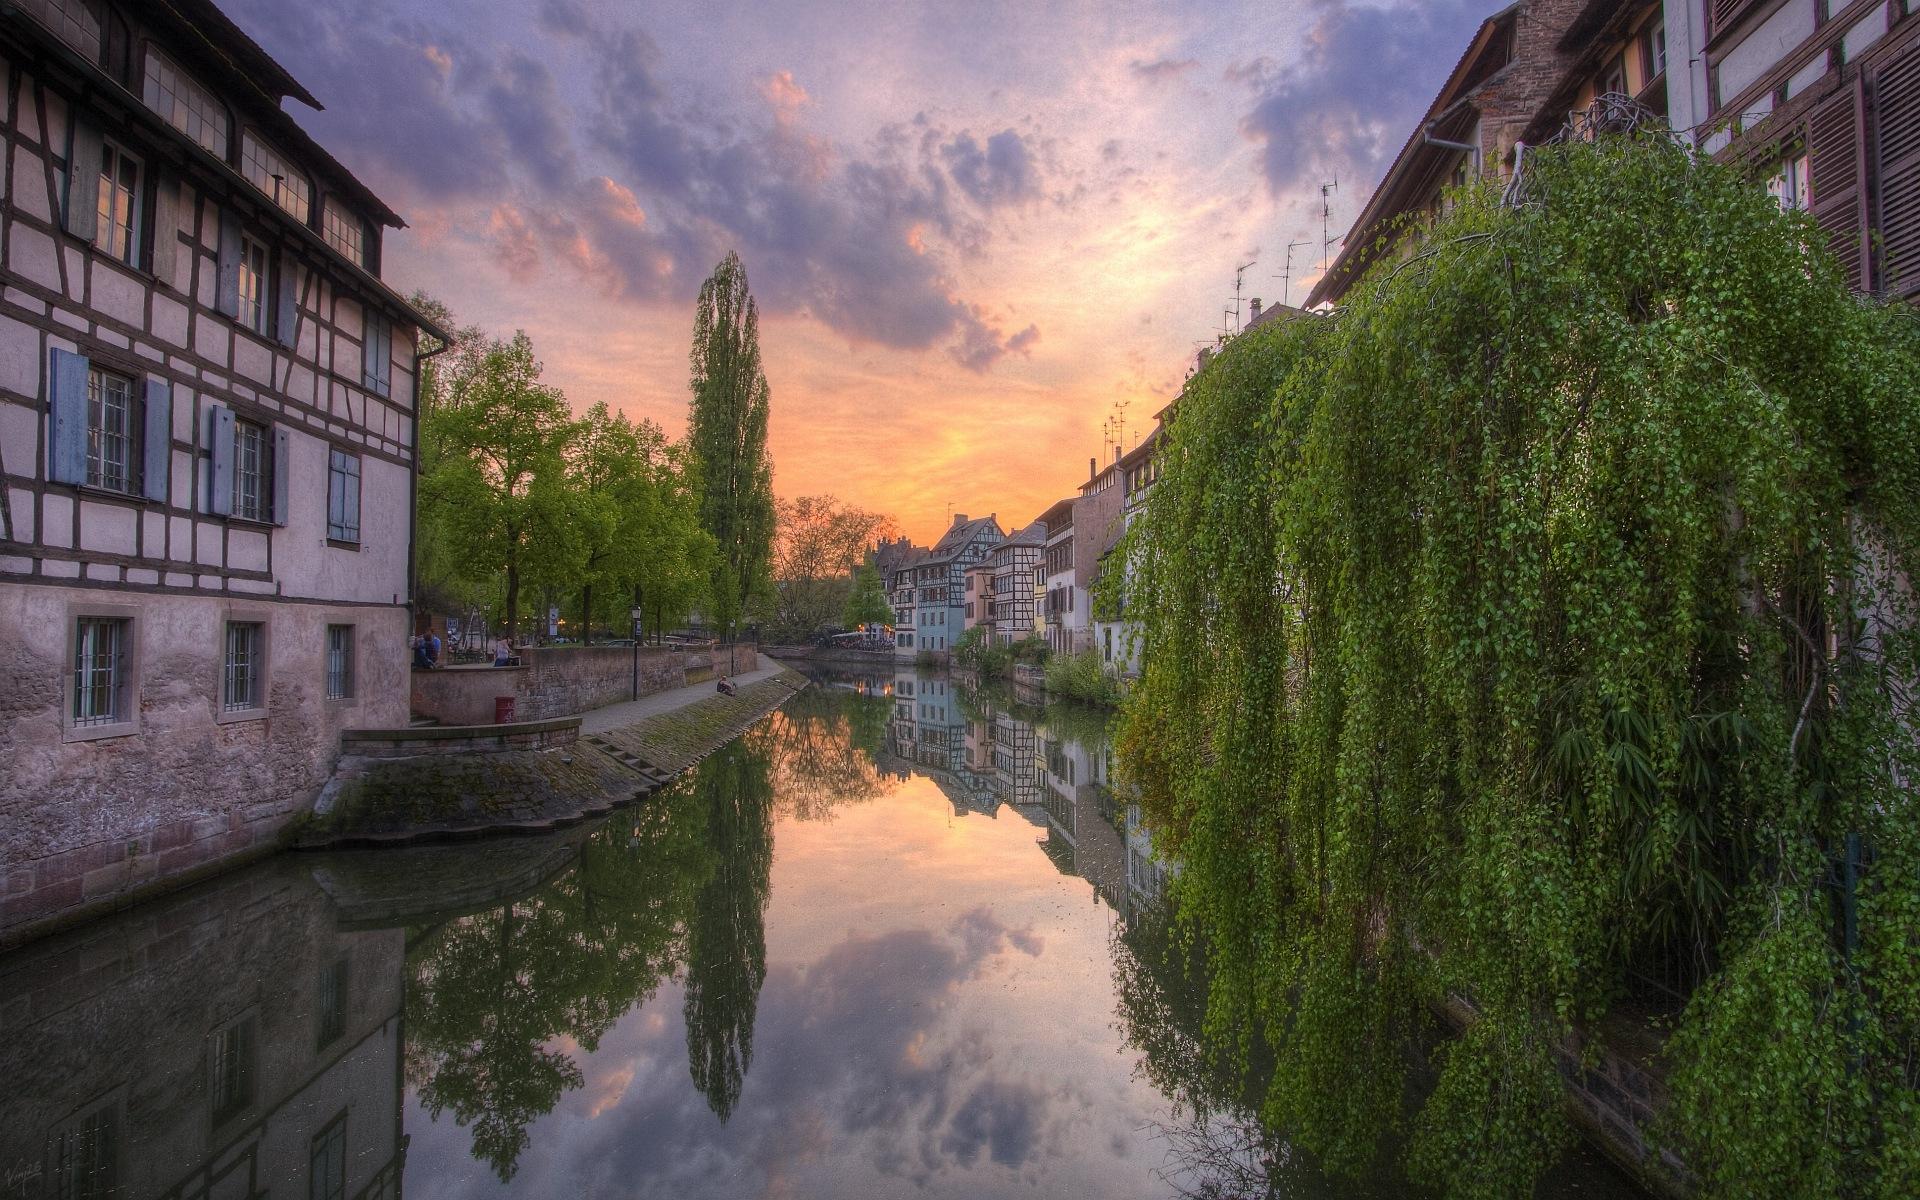 Картинки Венеция, дом, здания, стены, река, вода фото и обои на рабочий стол